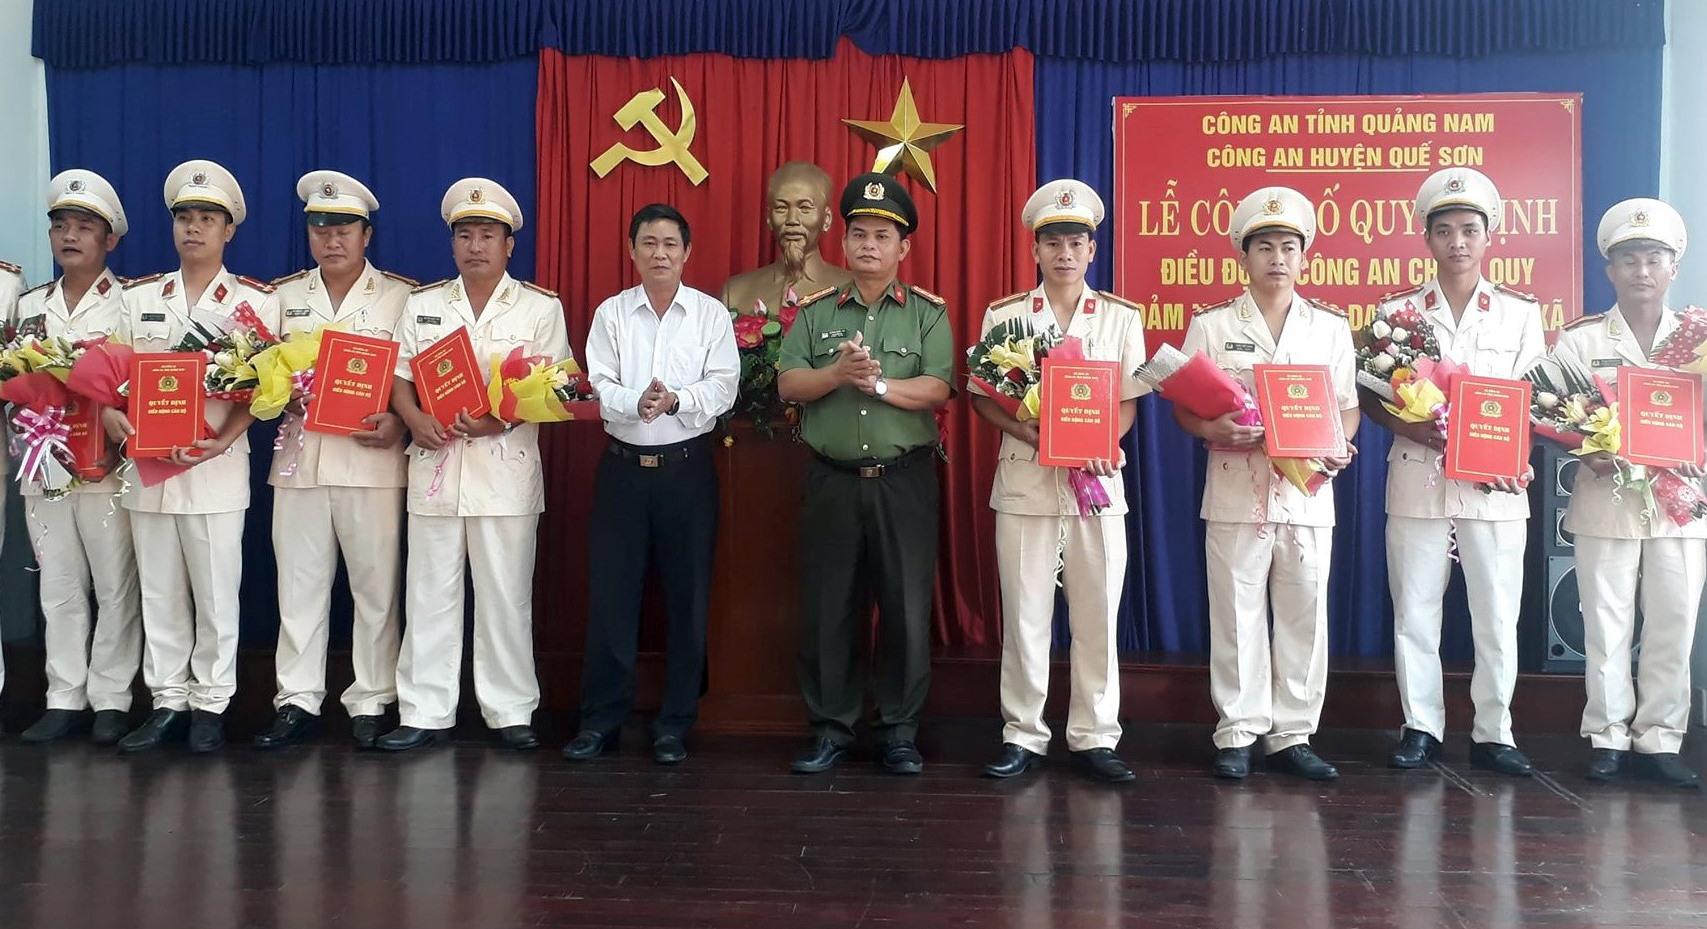 Công an huyện Quế Sơn tổ chức lễ trao quyết định điều động lực lượng công an chính quy về xã. Ảnh: T.P